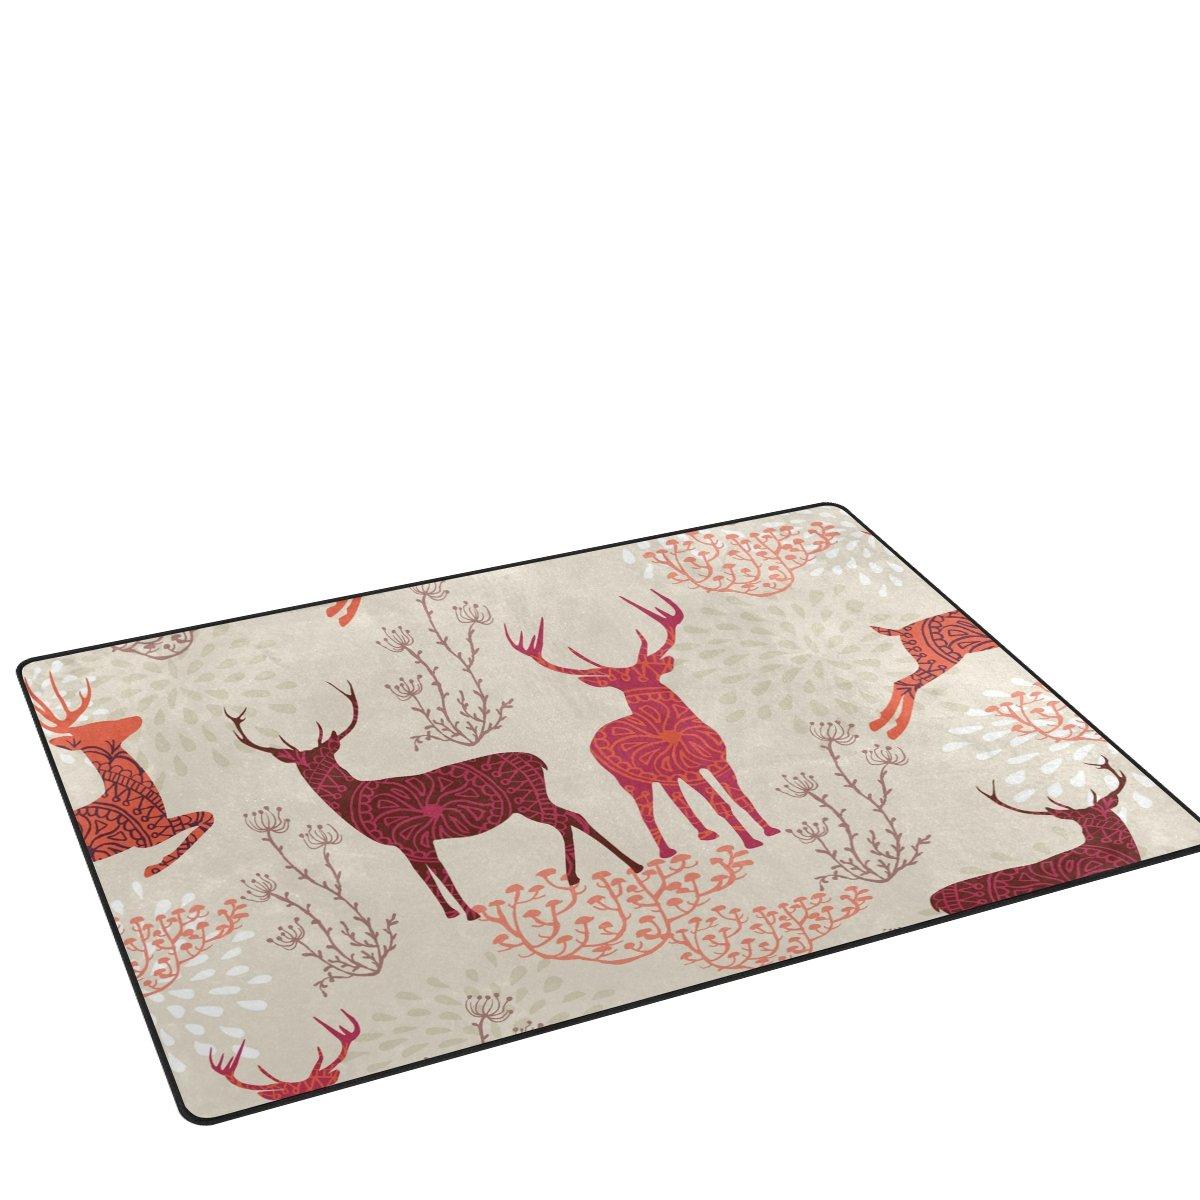 deyyaクリスマスSika Deerノンスリップエリアラグ絨毯リビングルーム装飾用31 x 20インチ用 31 x 20 inch dtfh-001 31 x 20 inch  B077P2FR4L